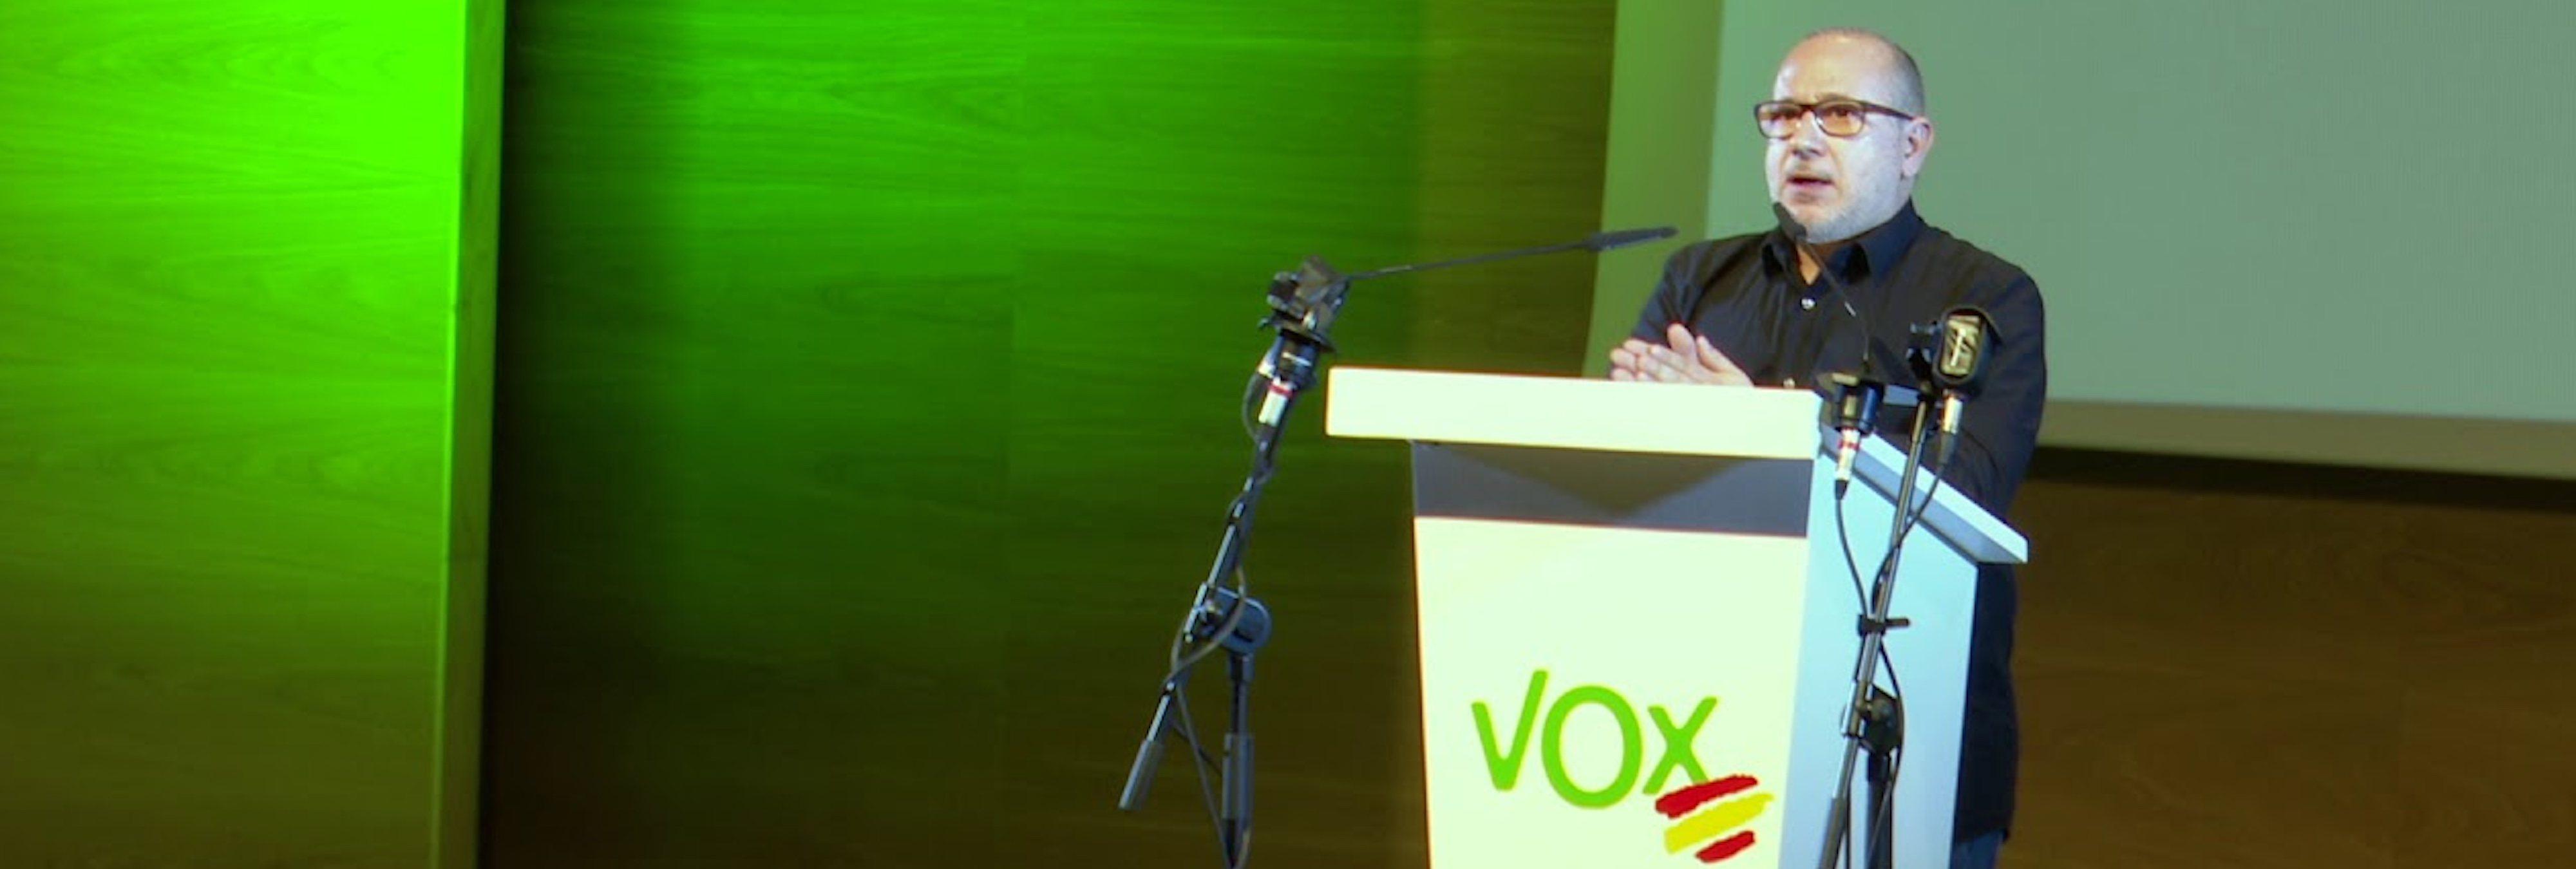 El homófobo senador de VOX cobrará 8.822 euros por 14 días en el cargo